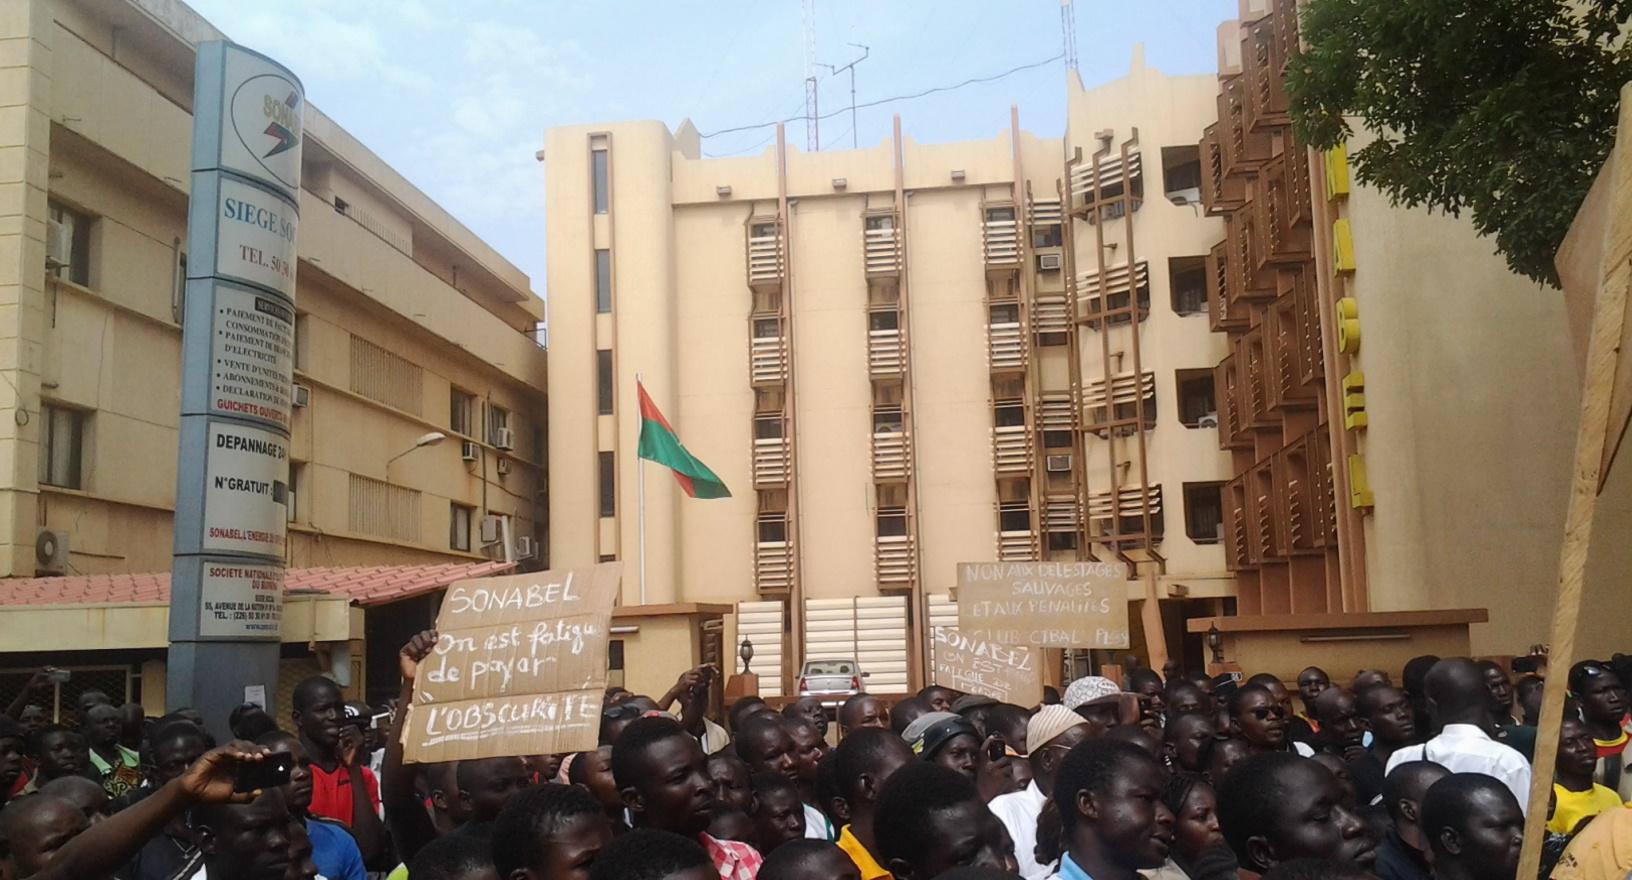 """Ph: Basidou KINDA Devant le siège de la Sonabel, le message de ce manifestant se veut plus clair: """"on est fatigué de payer l'obscurité"""""""